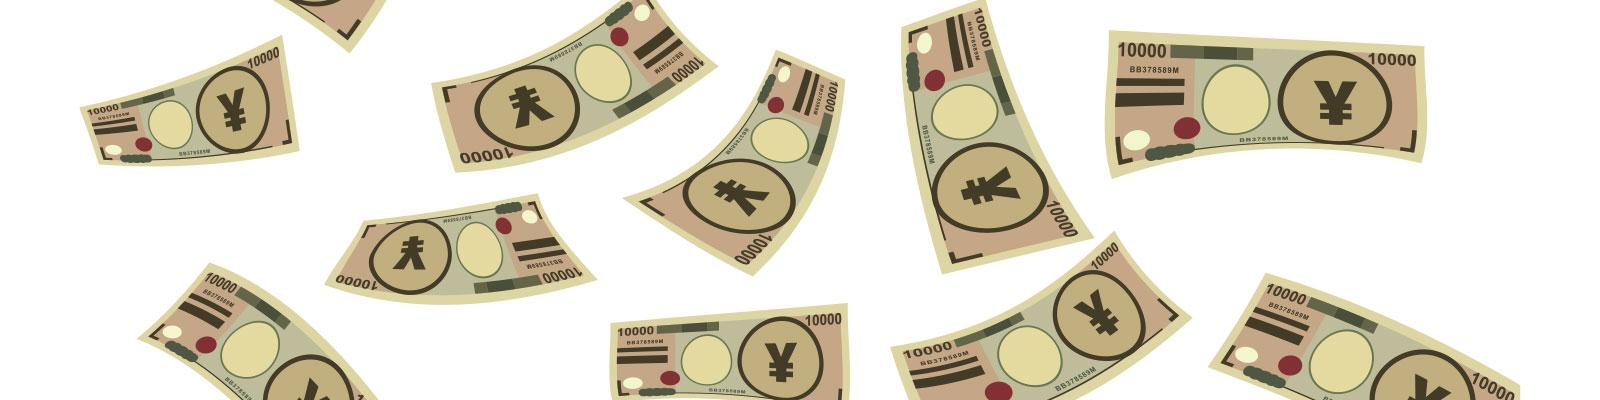 Flying_Japanese_yen_banknote_Money_rain_eye